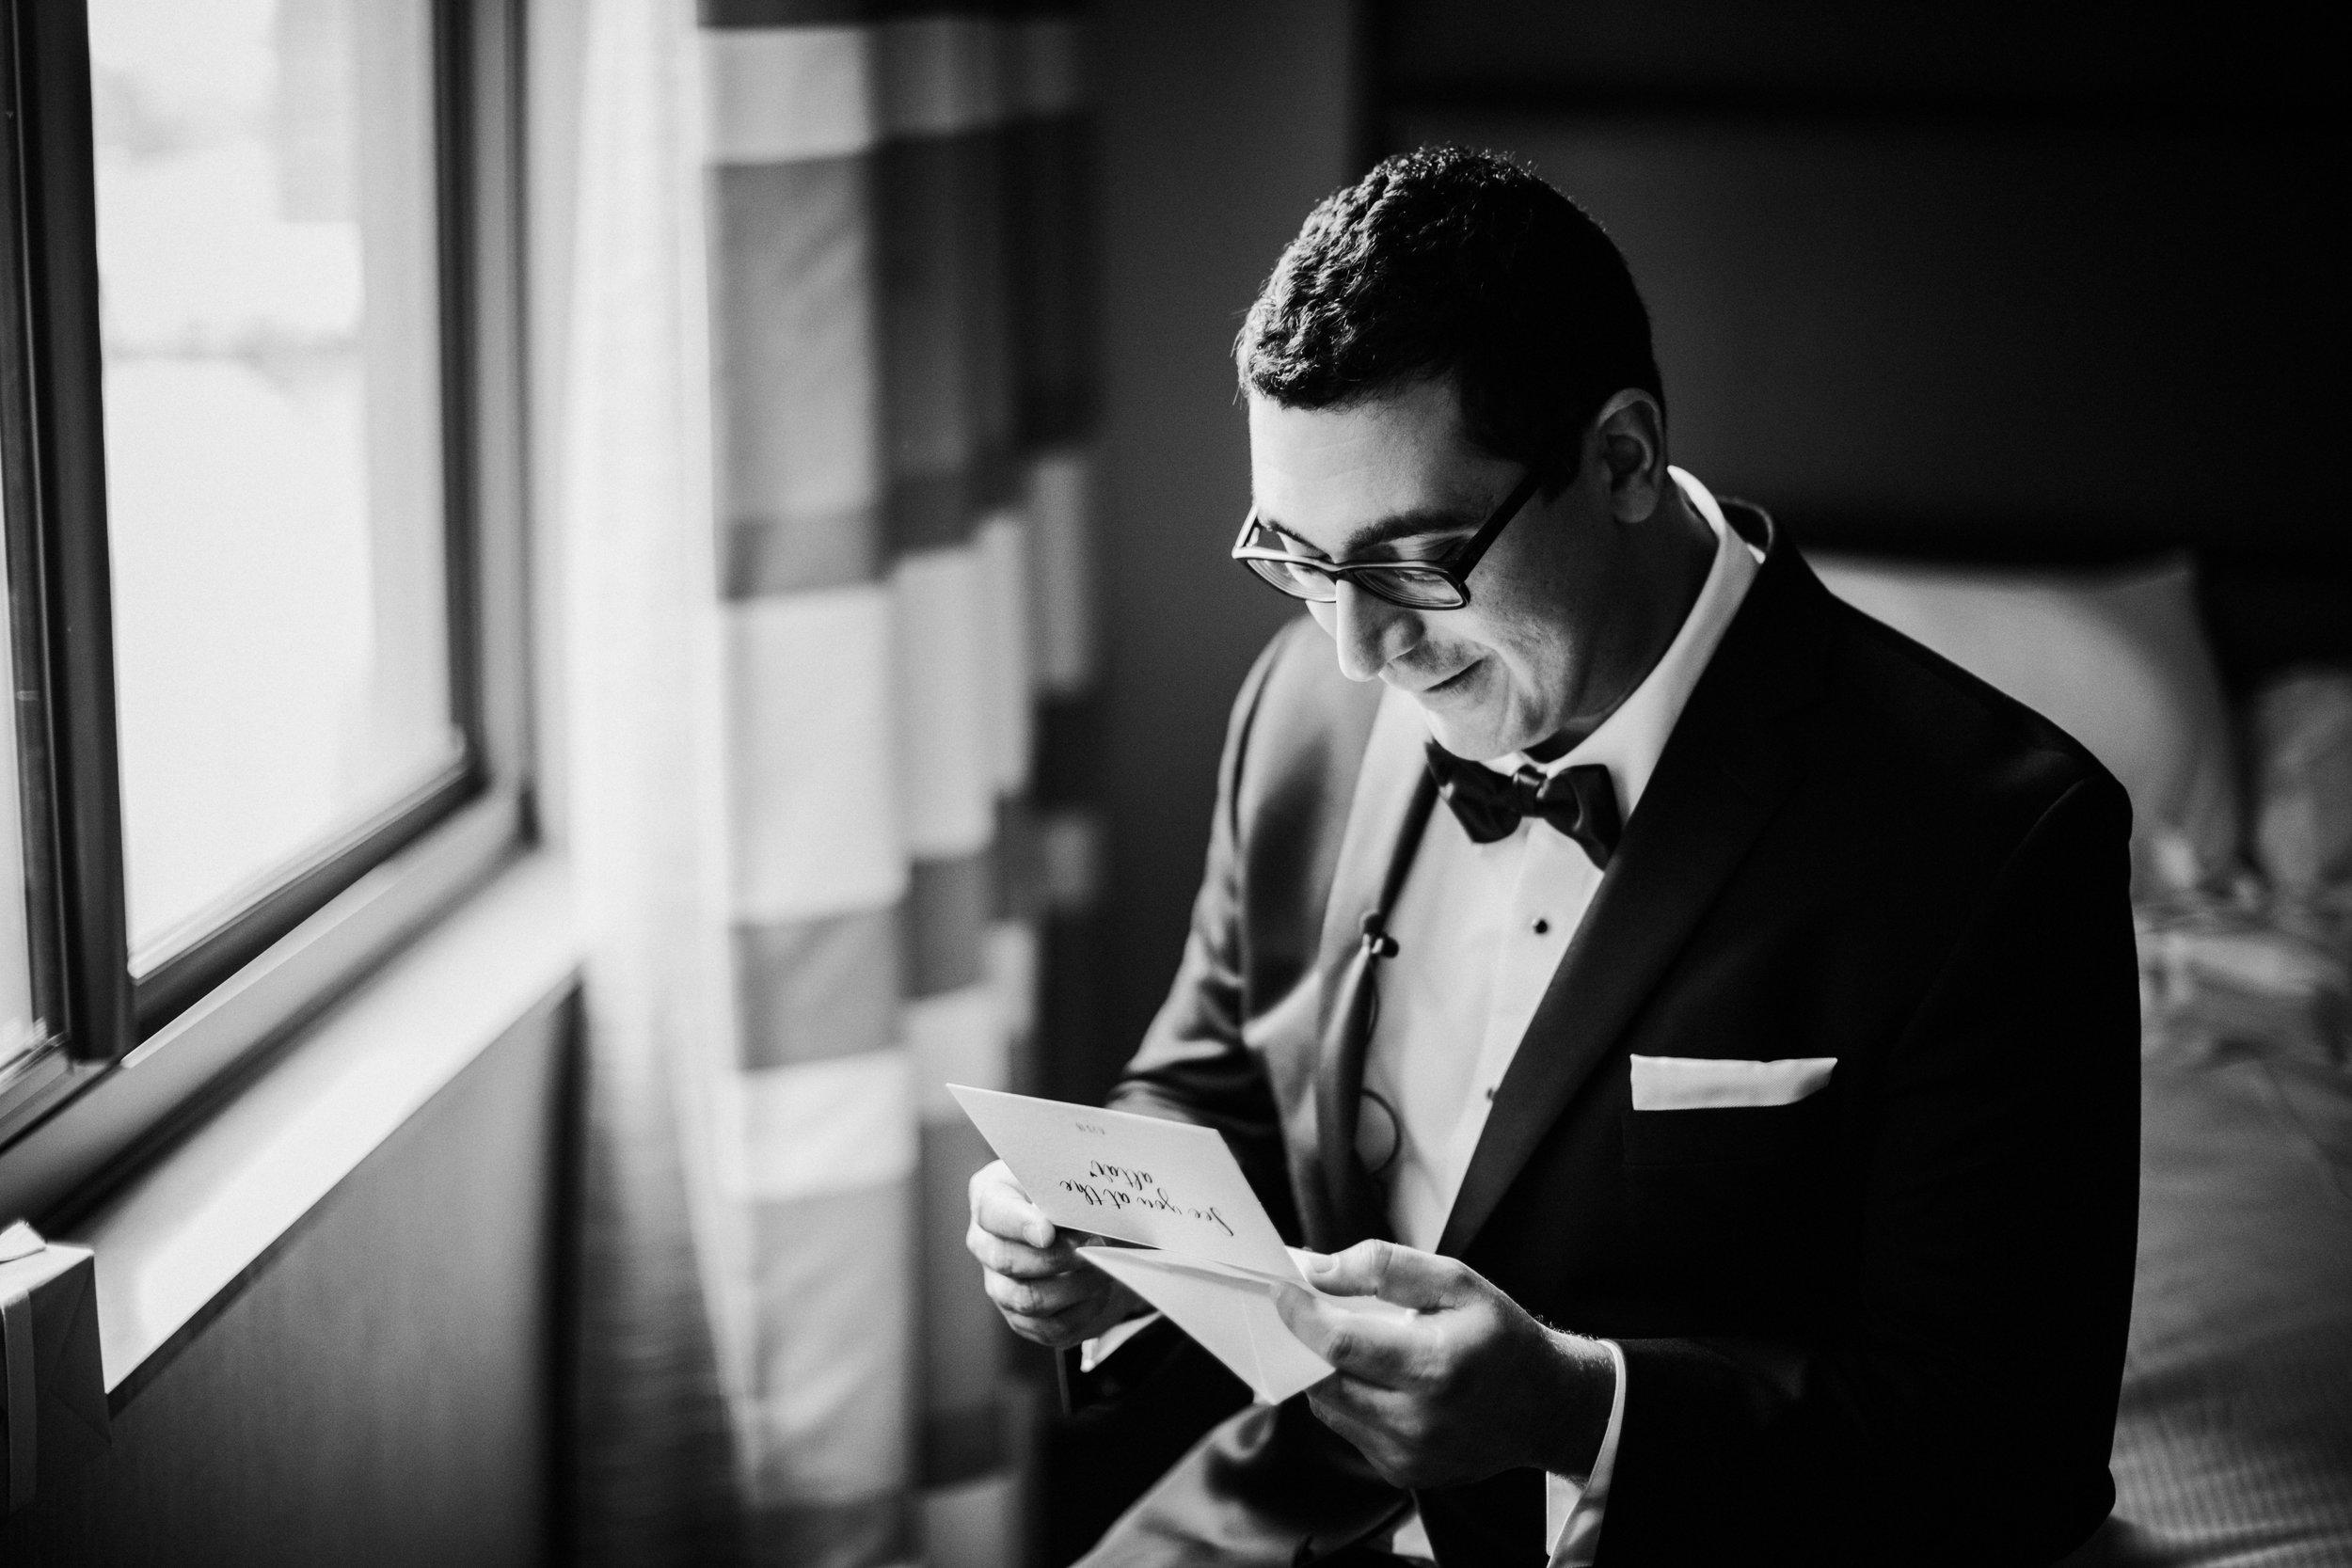 JennaLynnPhotography-NJWeddingPhotographer-Philadelphia-Wedding-ArtsBallroom-GettingReadyBW-70.jpg